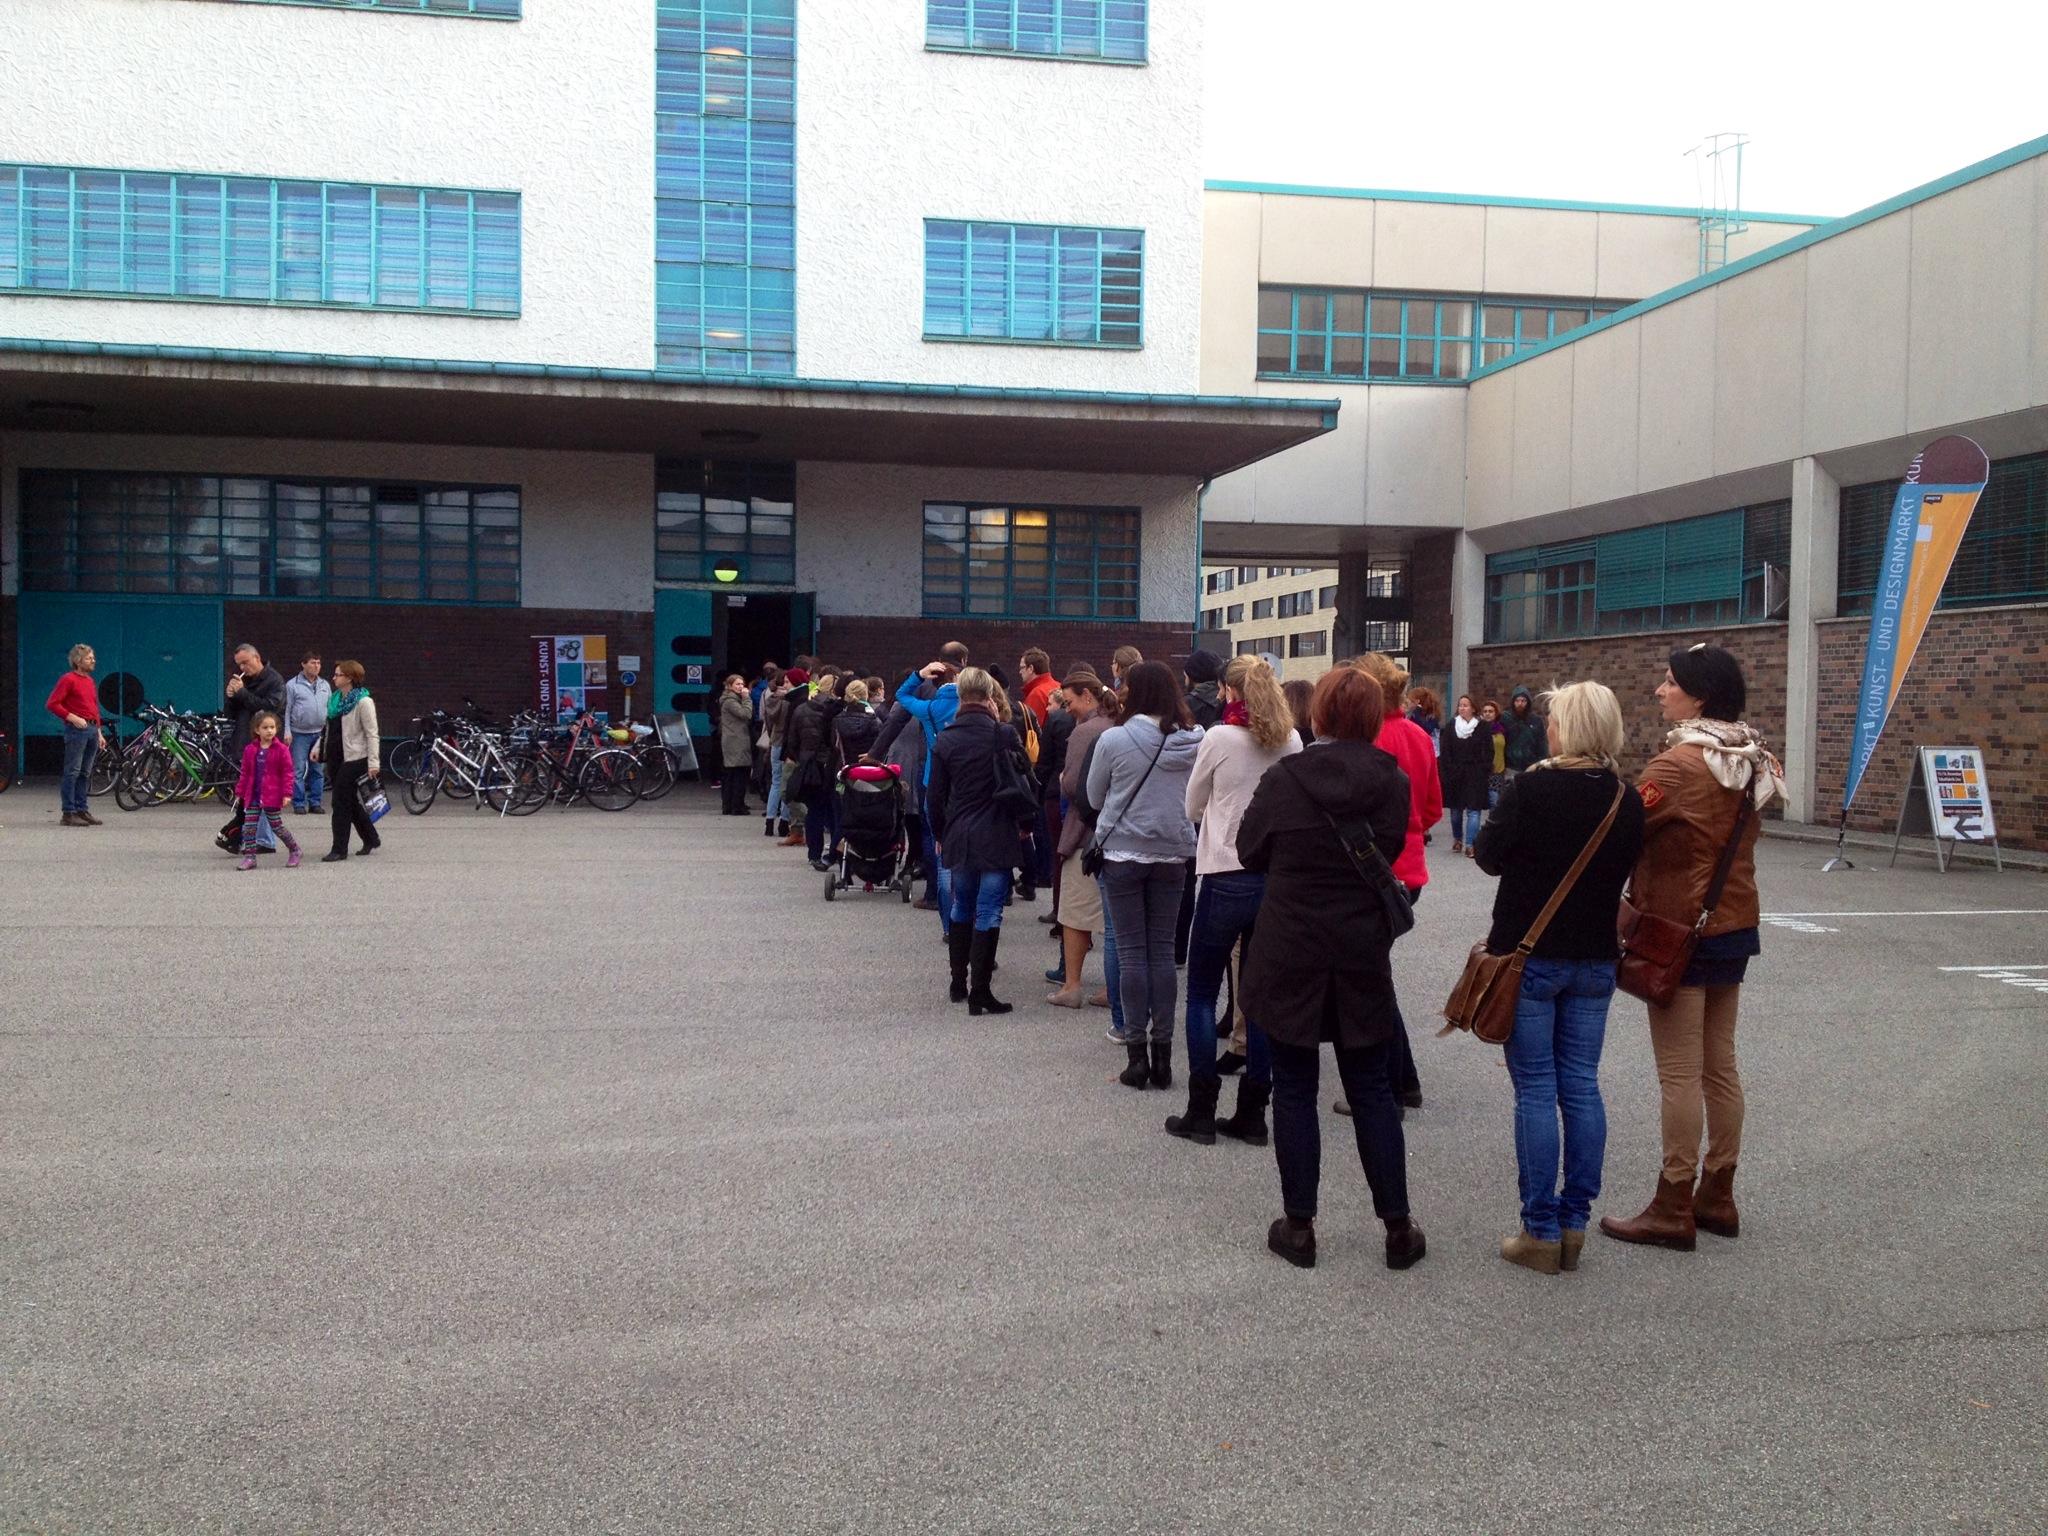 Andrang vor dem Eingang des Kunst- und Designmarkt | Fotocredit Tabakfabrik Linz